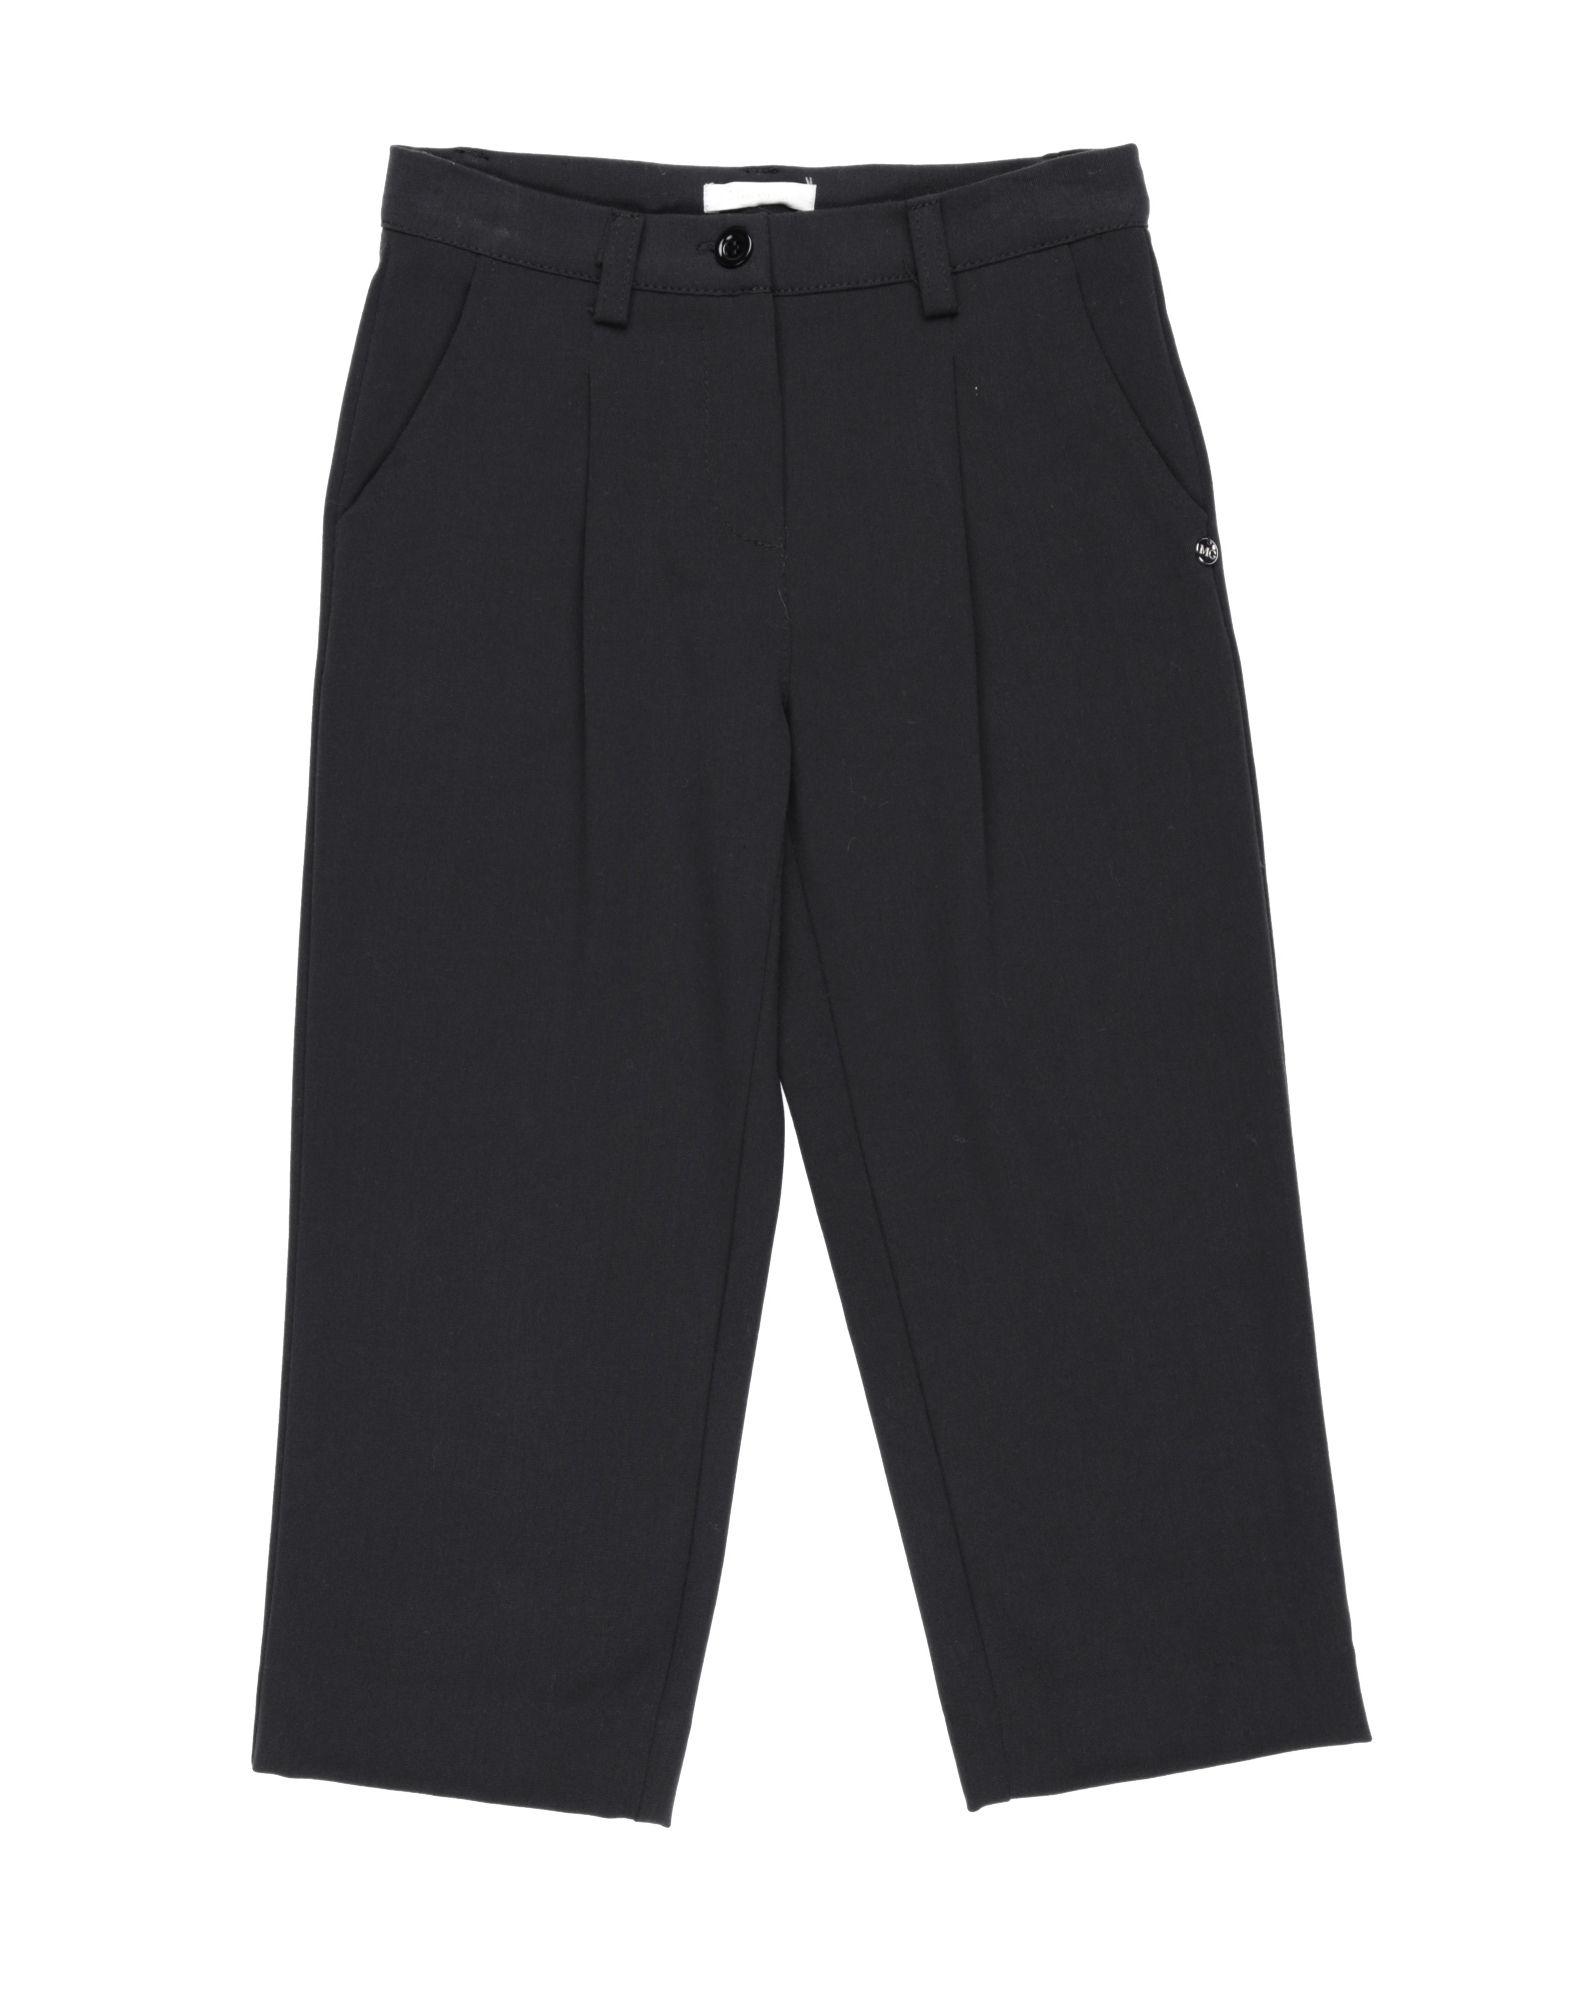 MISS GRANT Повседневные брюки саморез универсальный 3 5х20мм желтый 200шт